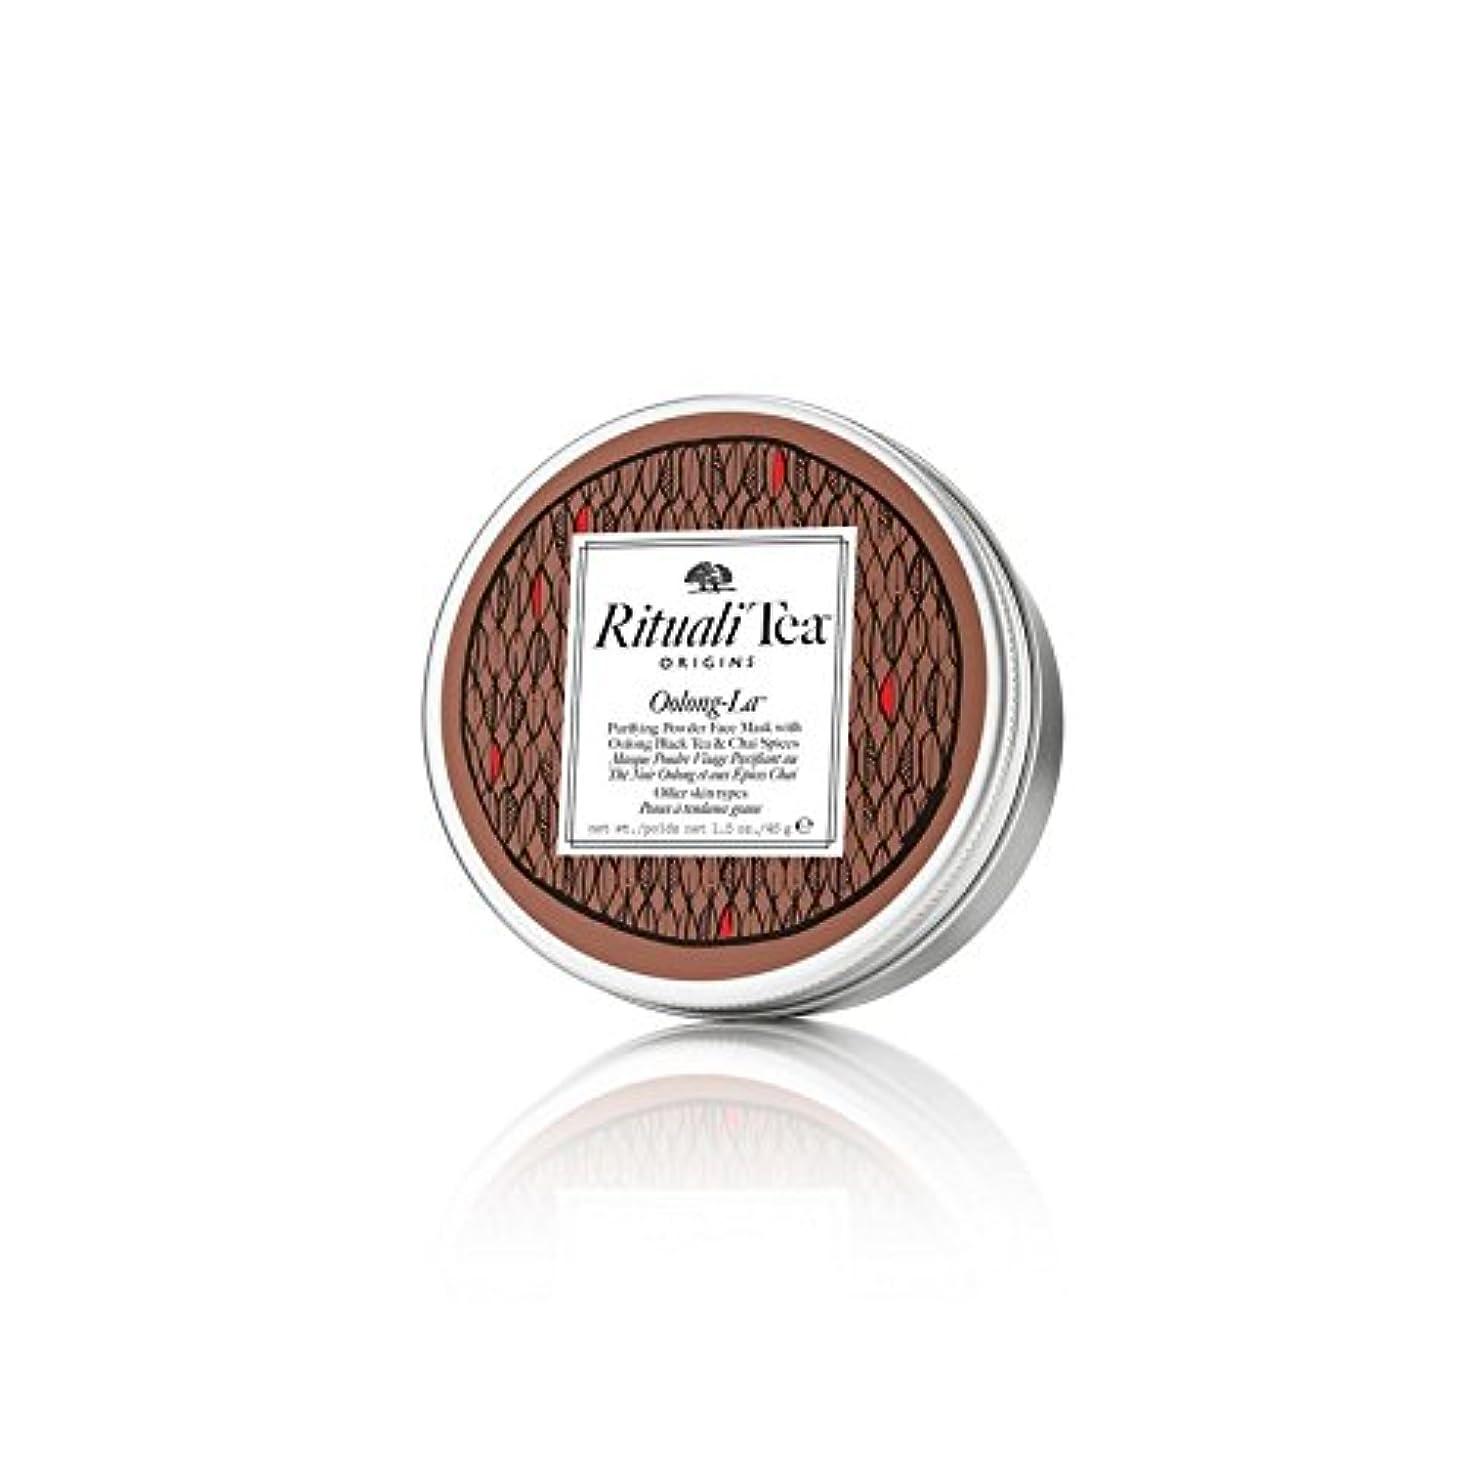 批判する異邦人砂利起源抹茶フェイスマスク烏龍茶ラ45グラム x4 - Origins Powdered Tea Face Mask Oolong-La 45g (Pack of 4) [並行輸入品]